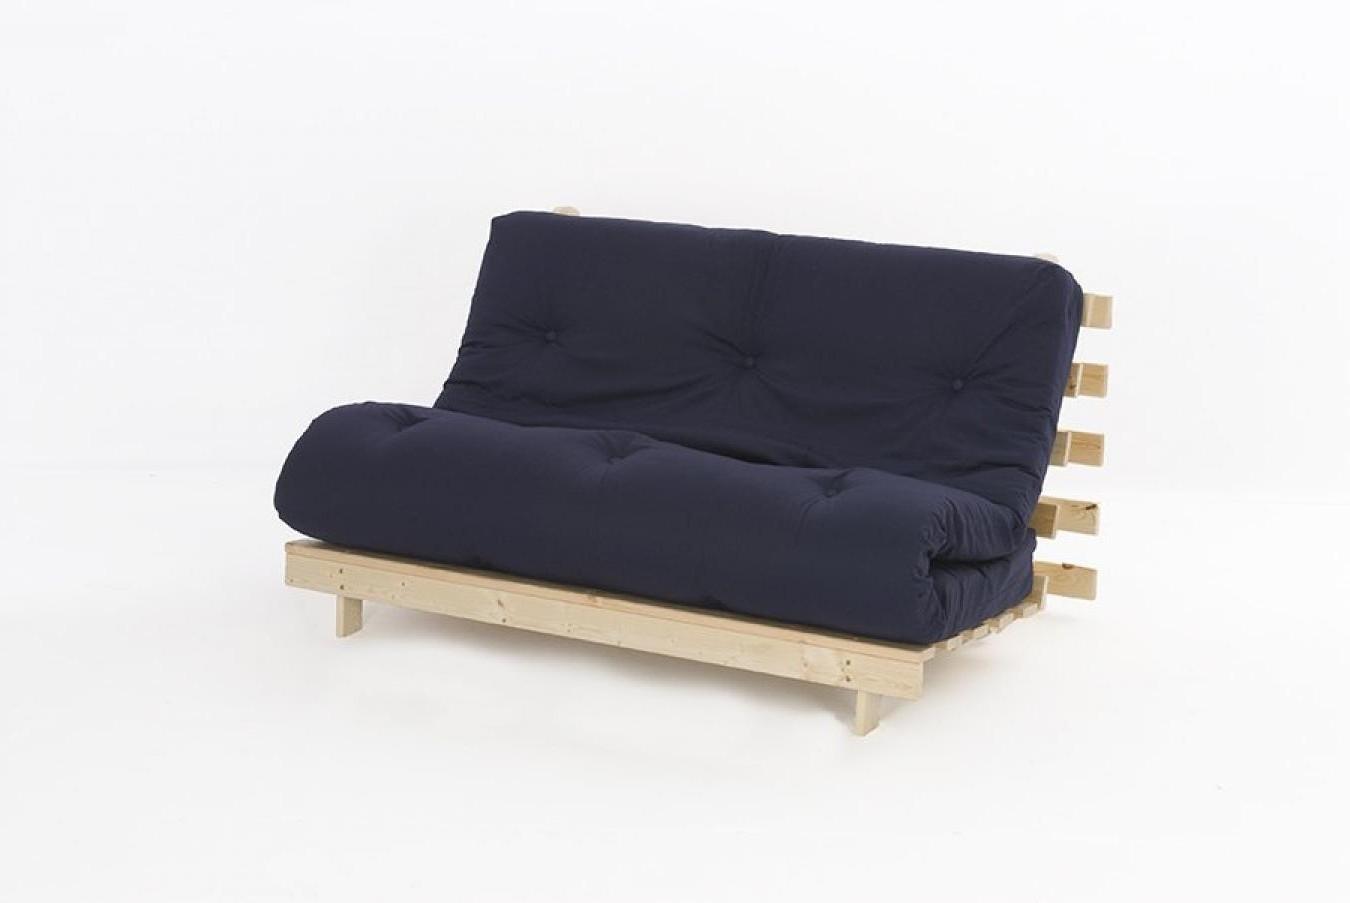 Housse Canapé Bz Ikea